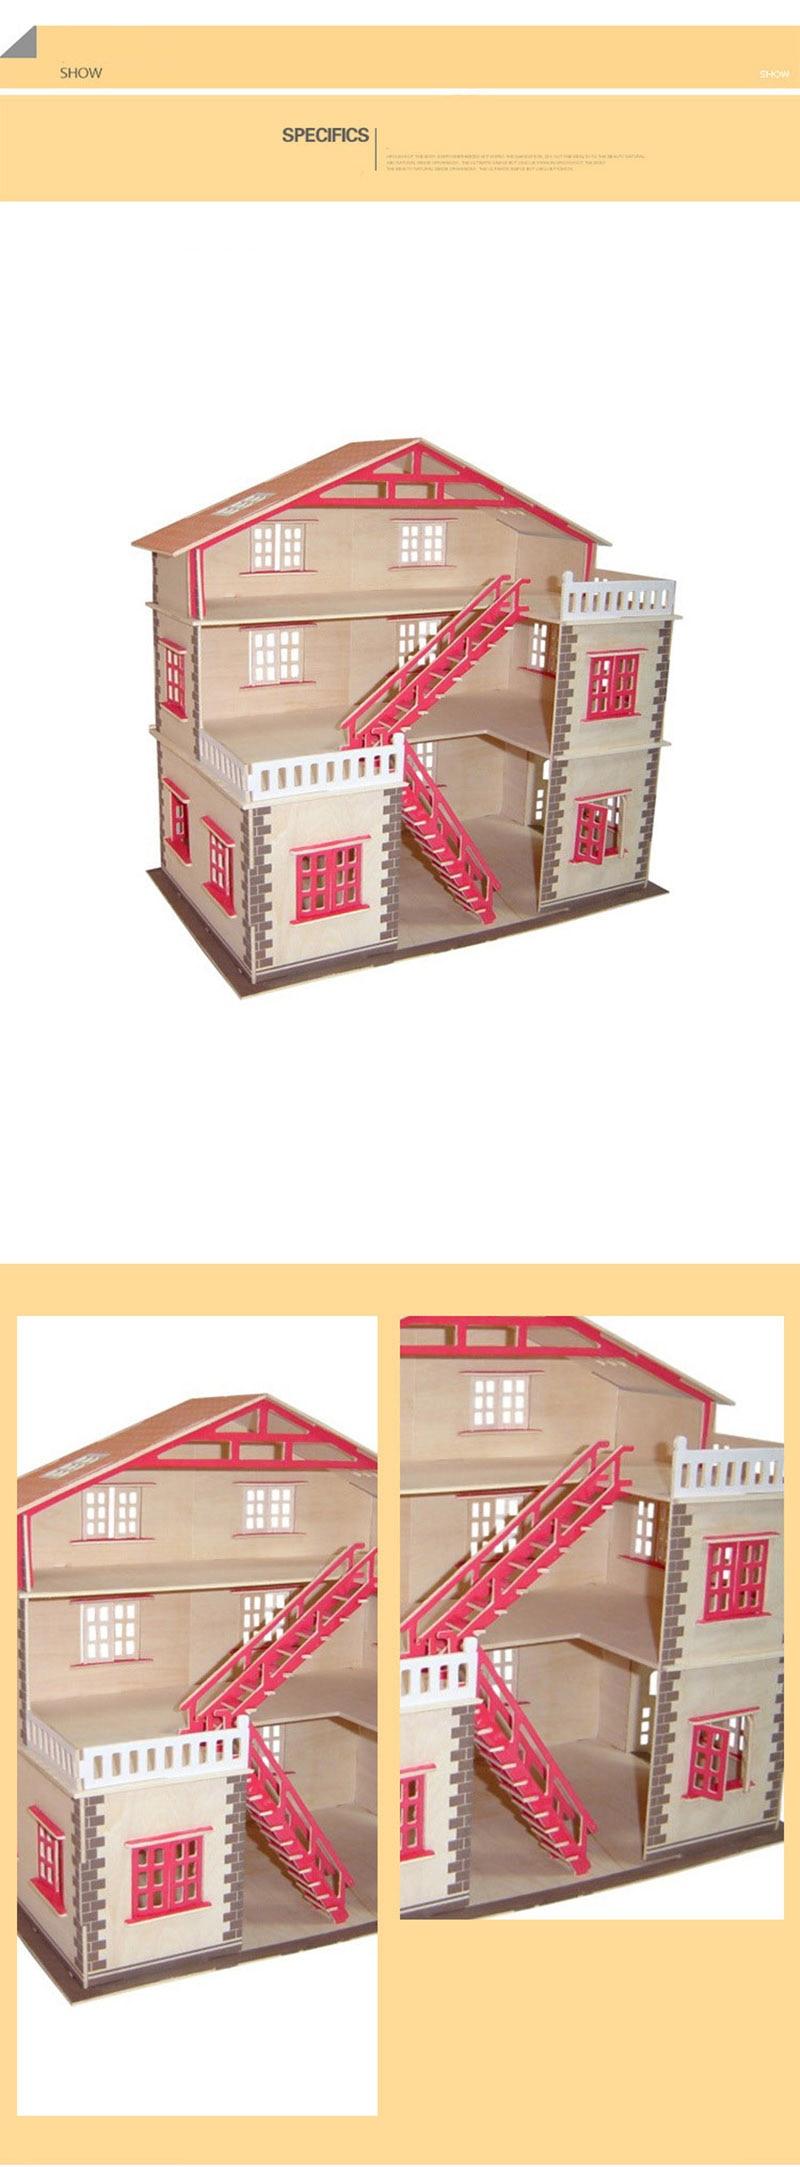 brinquedo para bonecas montadas casa fingir jogar